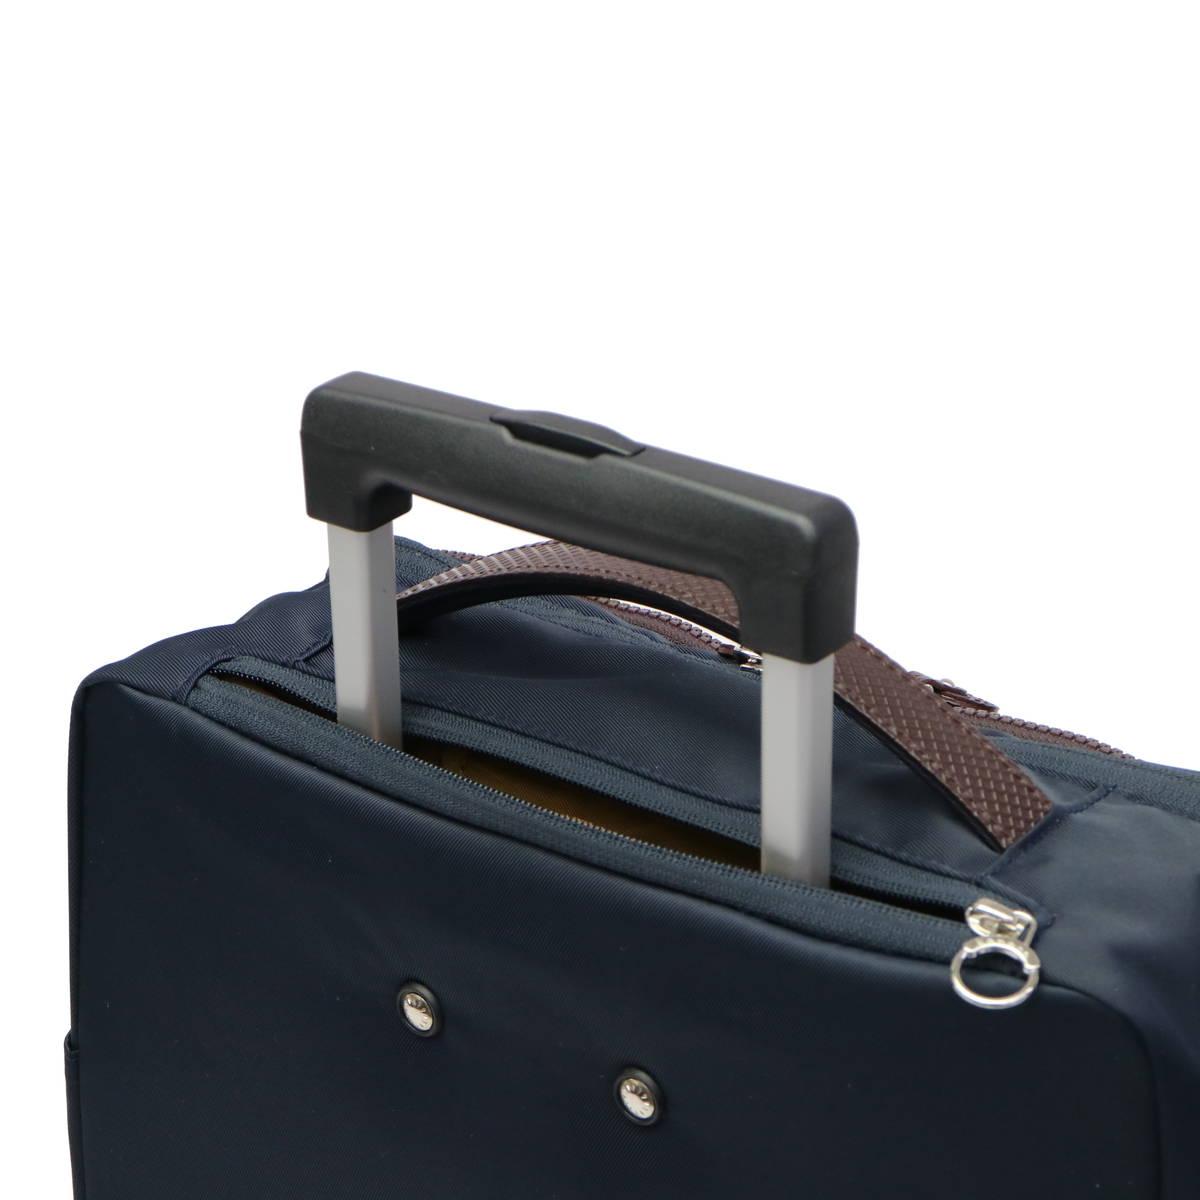 もれなくエコバッグ 選べるノベルティカナナプロジェクト スーツケース Kanana project キャリーケース 機内持ち込み レディース ソフトキャリー カナナマイトローリー Kanana My Trolley PJ 10 2rd 25L 1~2泊 旅行 トラベル 55273 世界ふしぎ発見08mNynwOPv